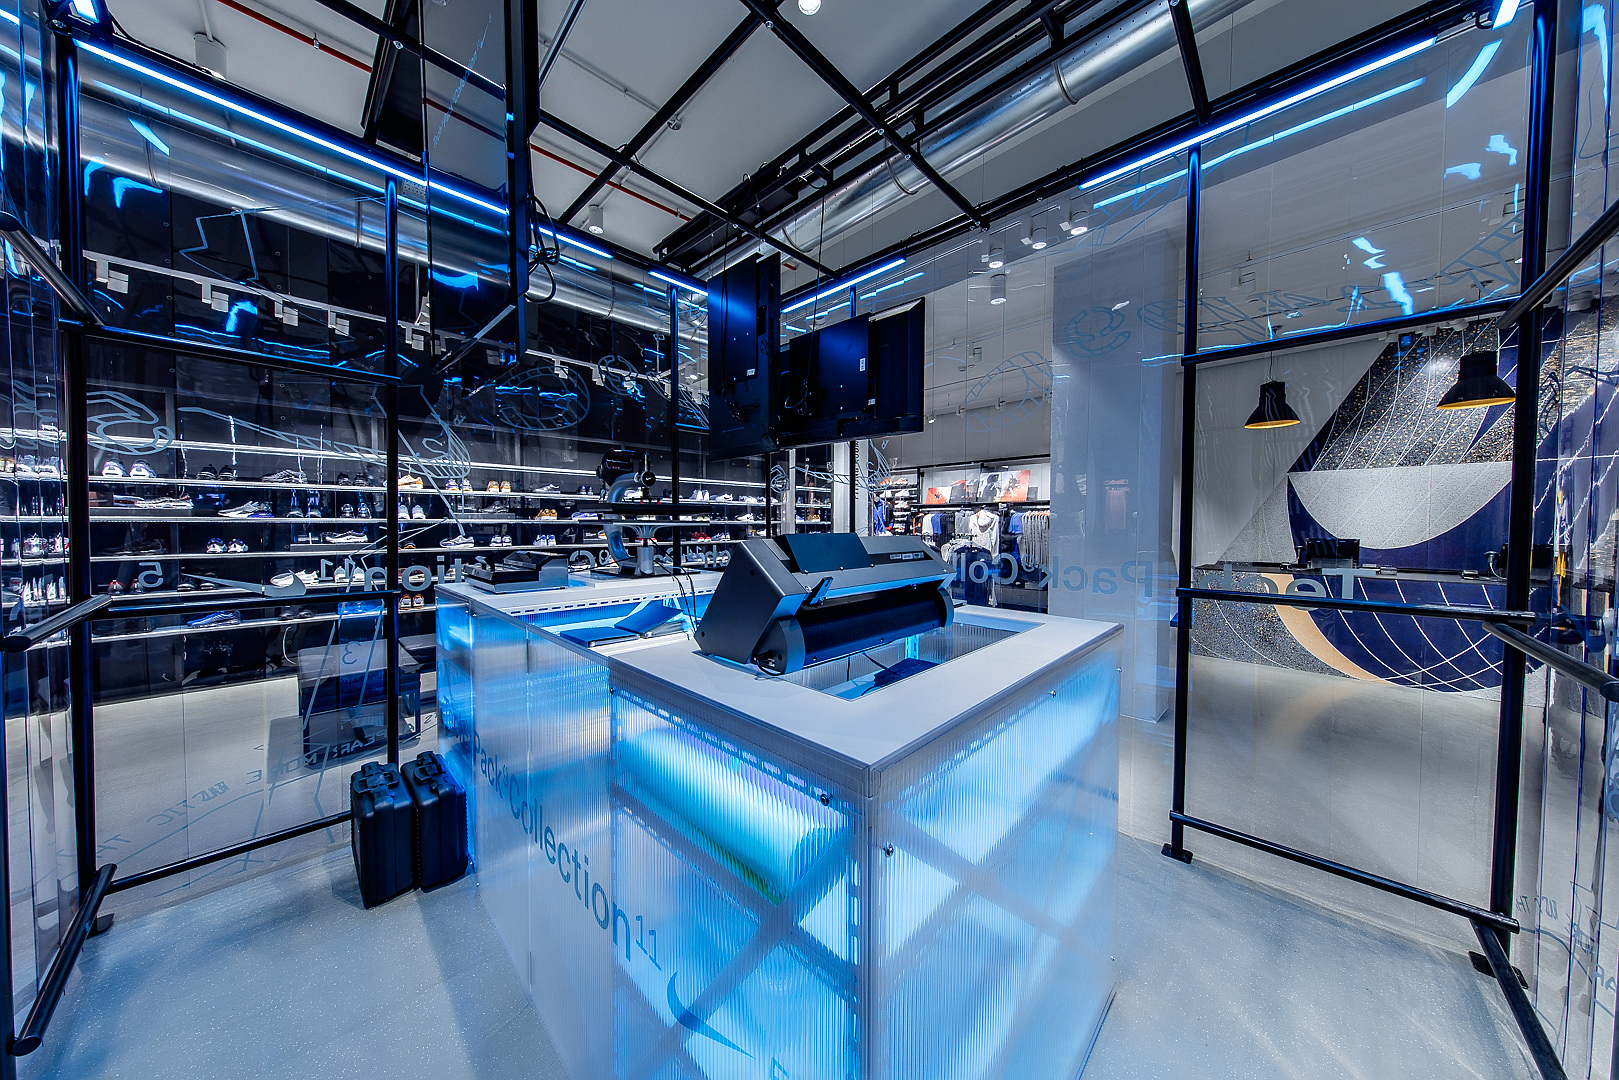 2018_09_14_Nike_Store_CVE_0084.jpg